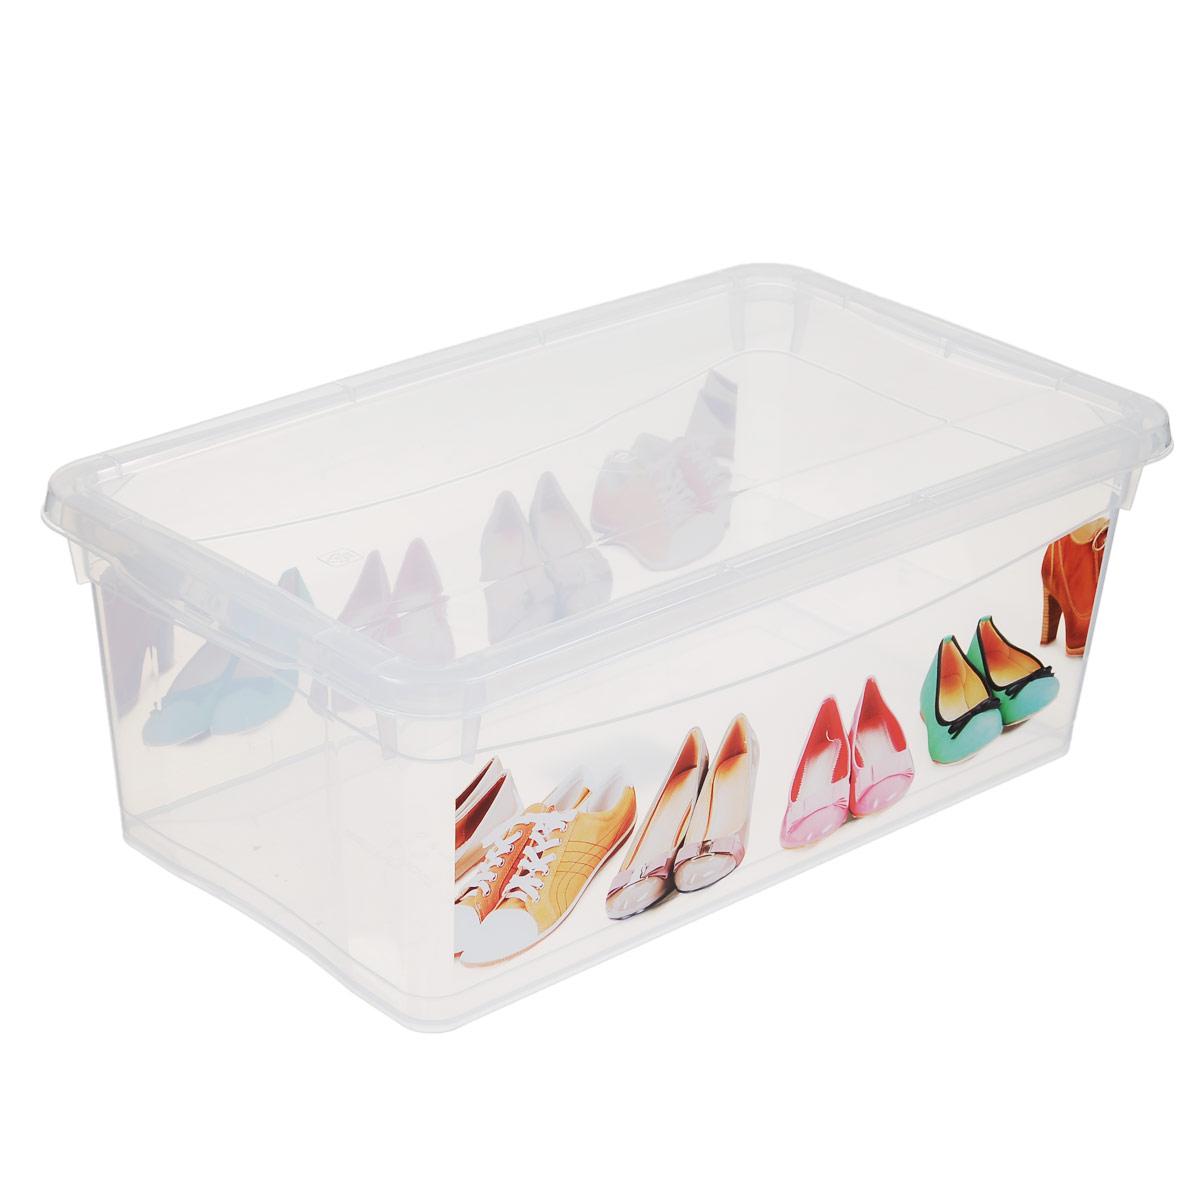 Ящик для обуви Econova Обувь, 33 см х 19 см х 12 смС12883Ящик Econova Обувь выполнен из высококачественного прозрачного полипропилена и предназначен для хранения обуви. Ящик декорирован ярким рисунком и оснащен удобной крышкой.Очень функциональный и вместительный, такой ящик будет очень полезен для хранения вещей, а также защитит их от пыли и грязи.